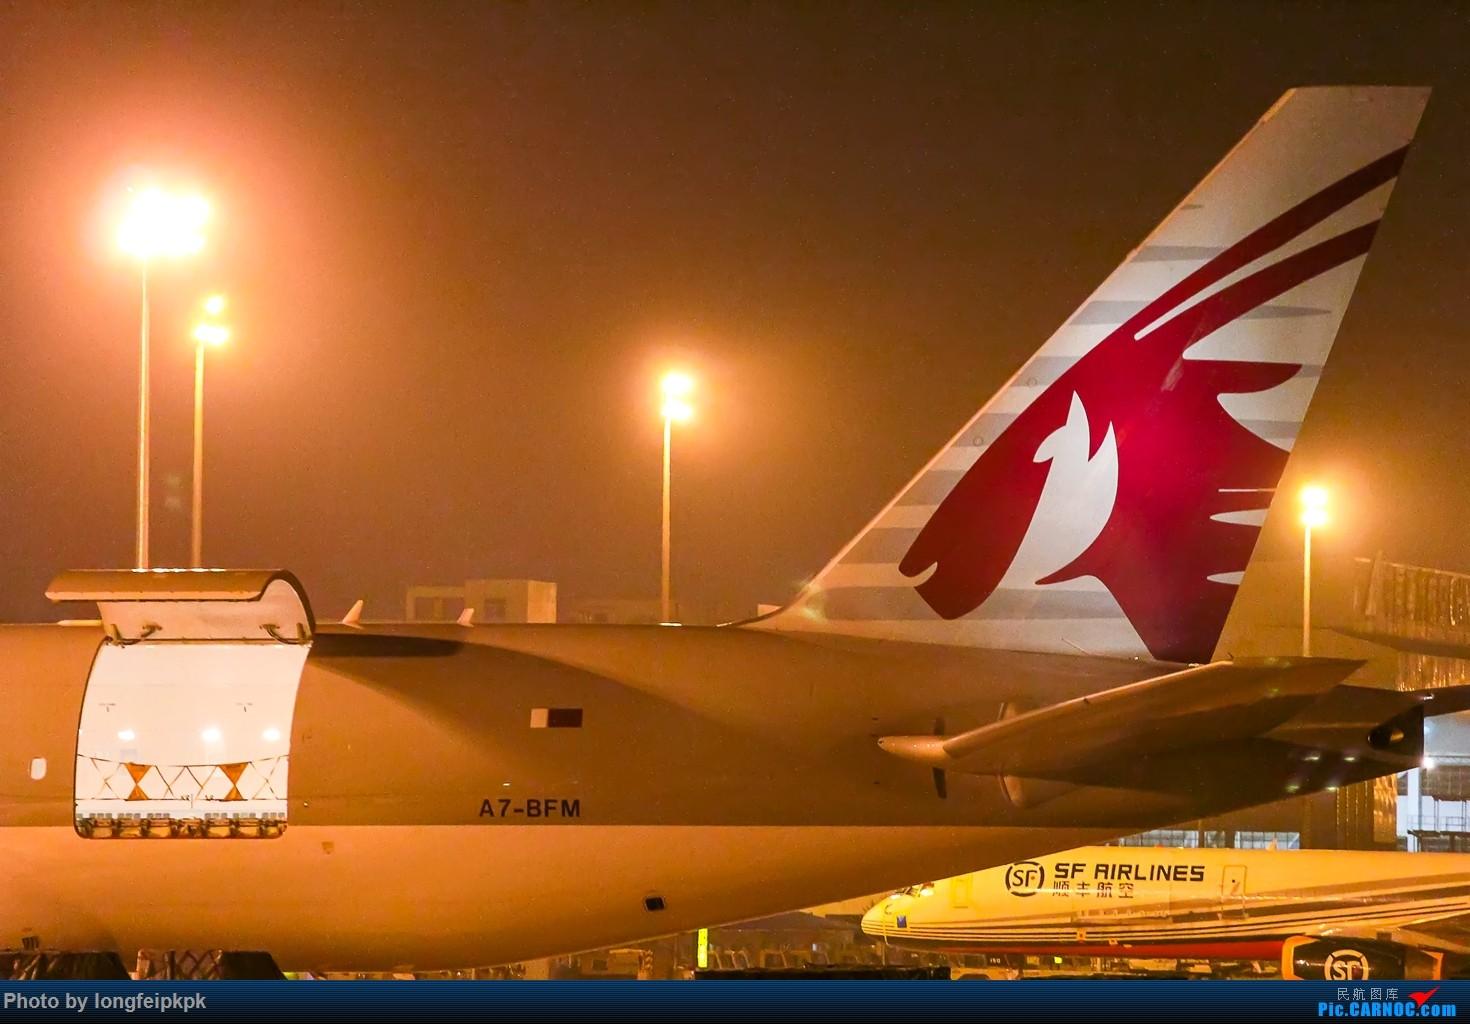 [原创]【郑州飞友会】2018国庆拍机 BOEING 777F A7-BFM 中国郑州新郑国际机场